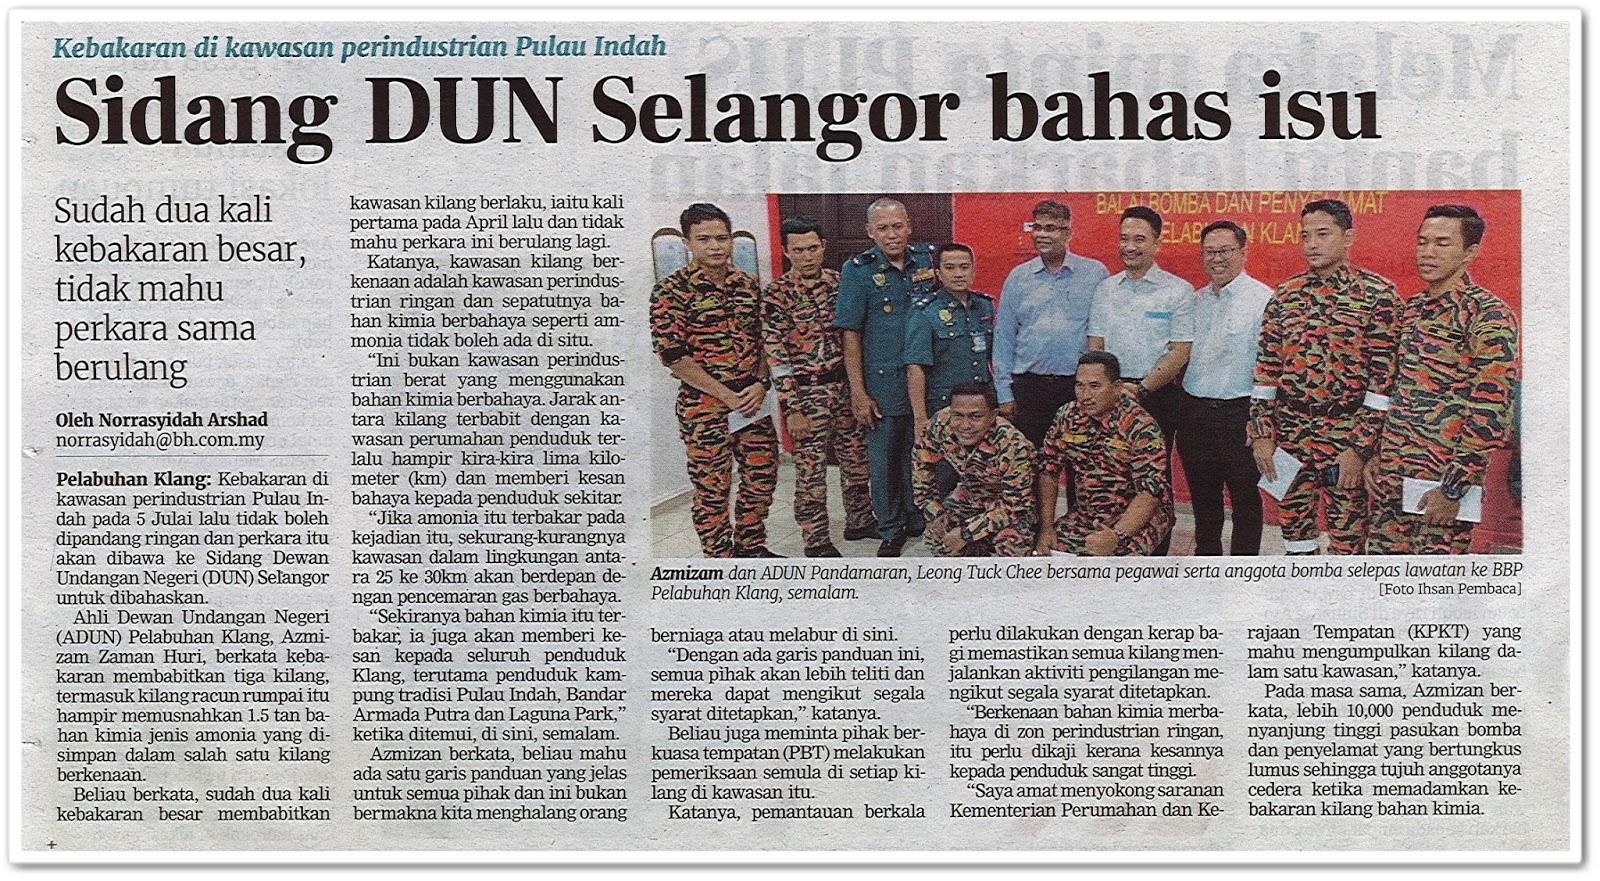 Sidang DUN Selangor bahas isu - Keratan akhbar Berita harian 13 Julai 2019